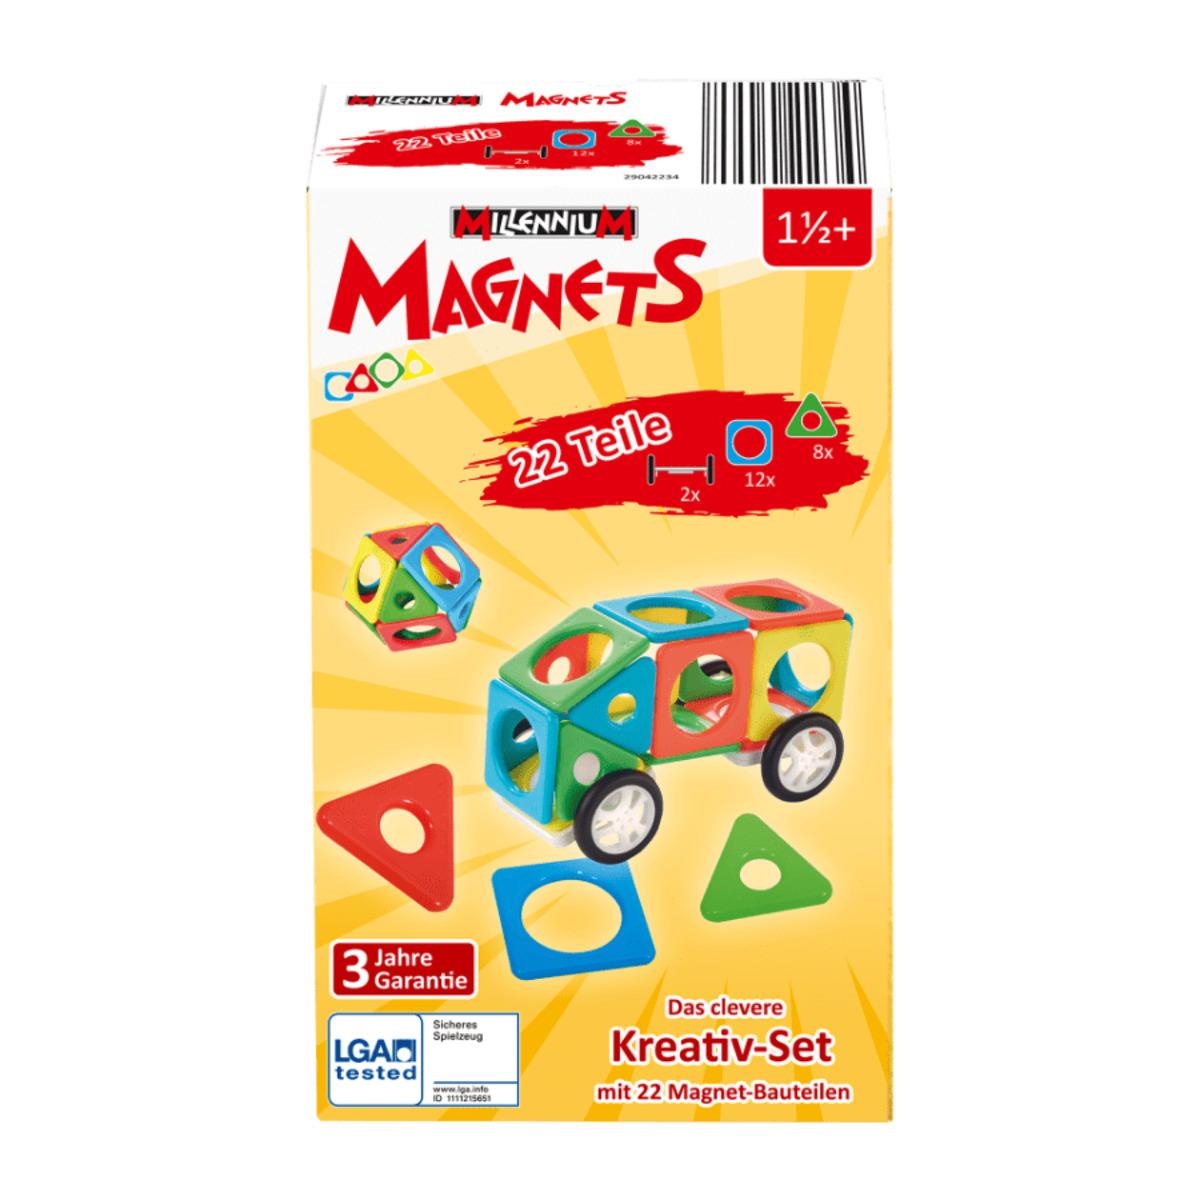 Bild 2 von Magnets